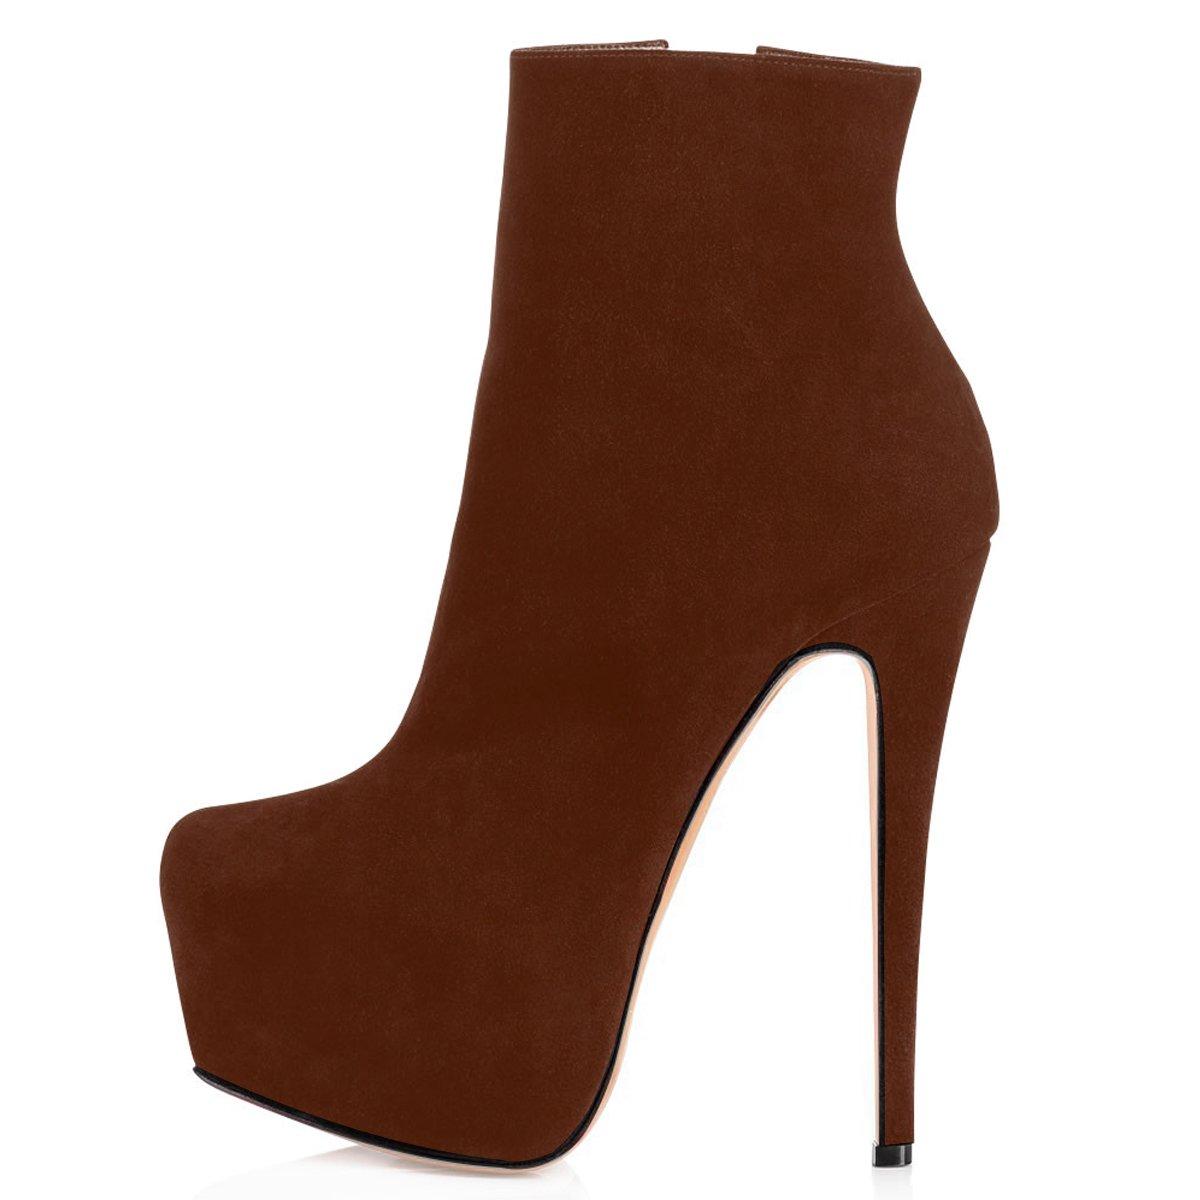 ELASHE Ankle Boots   15cmTrendige Damen Stiefeletten   Plateau Stiefel mit Absatz35 EU Braun